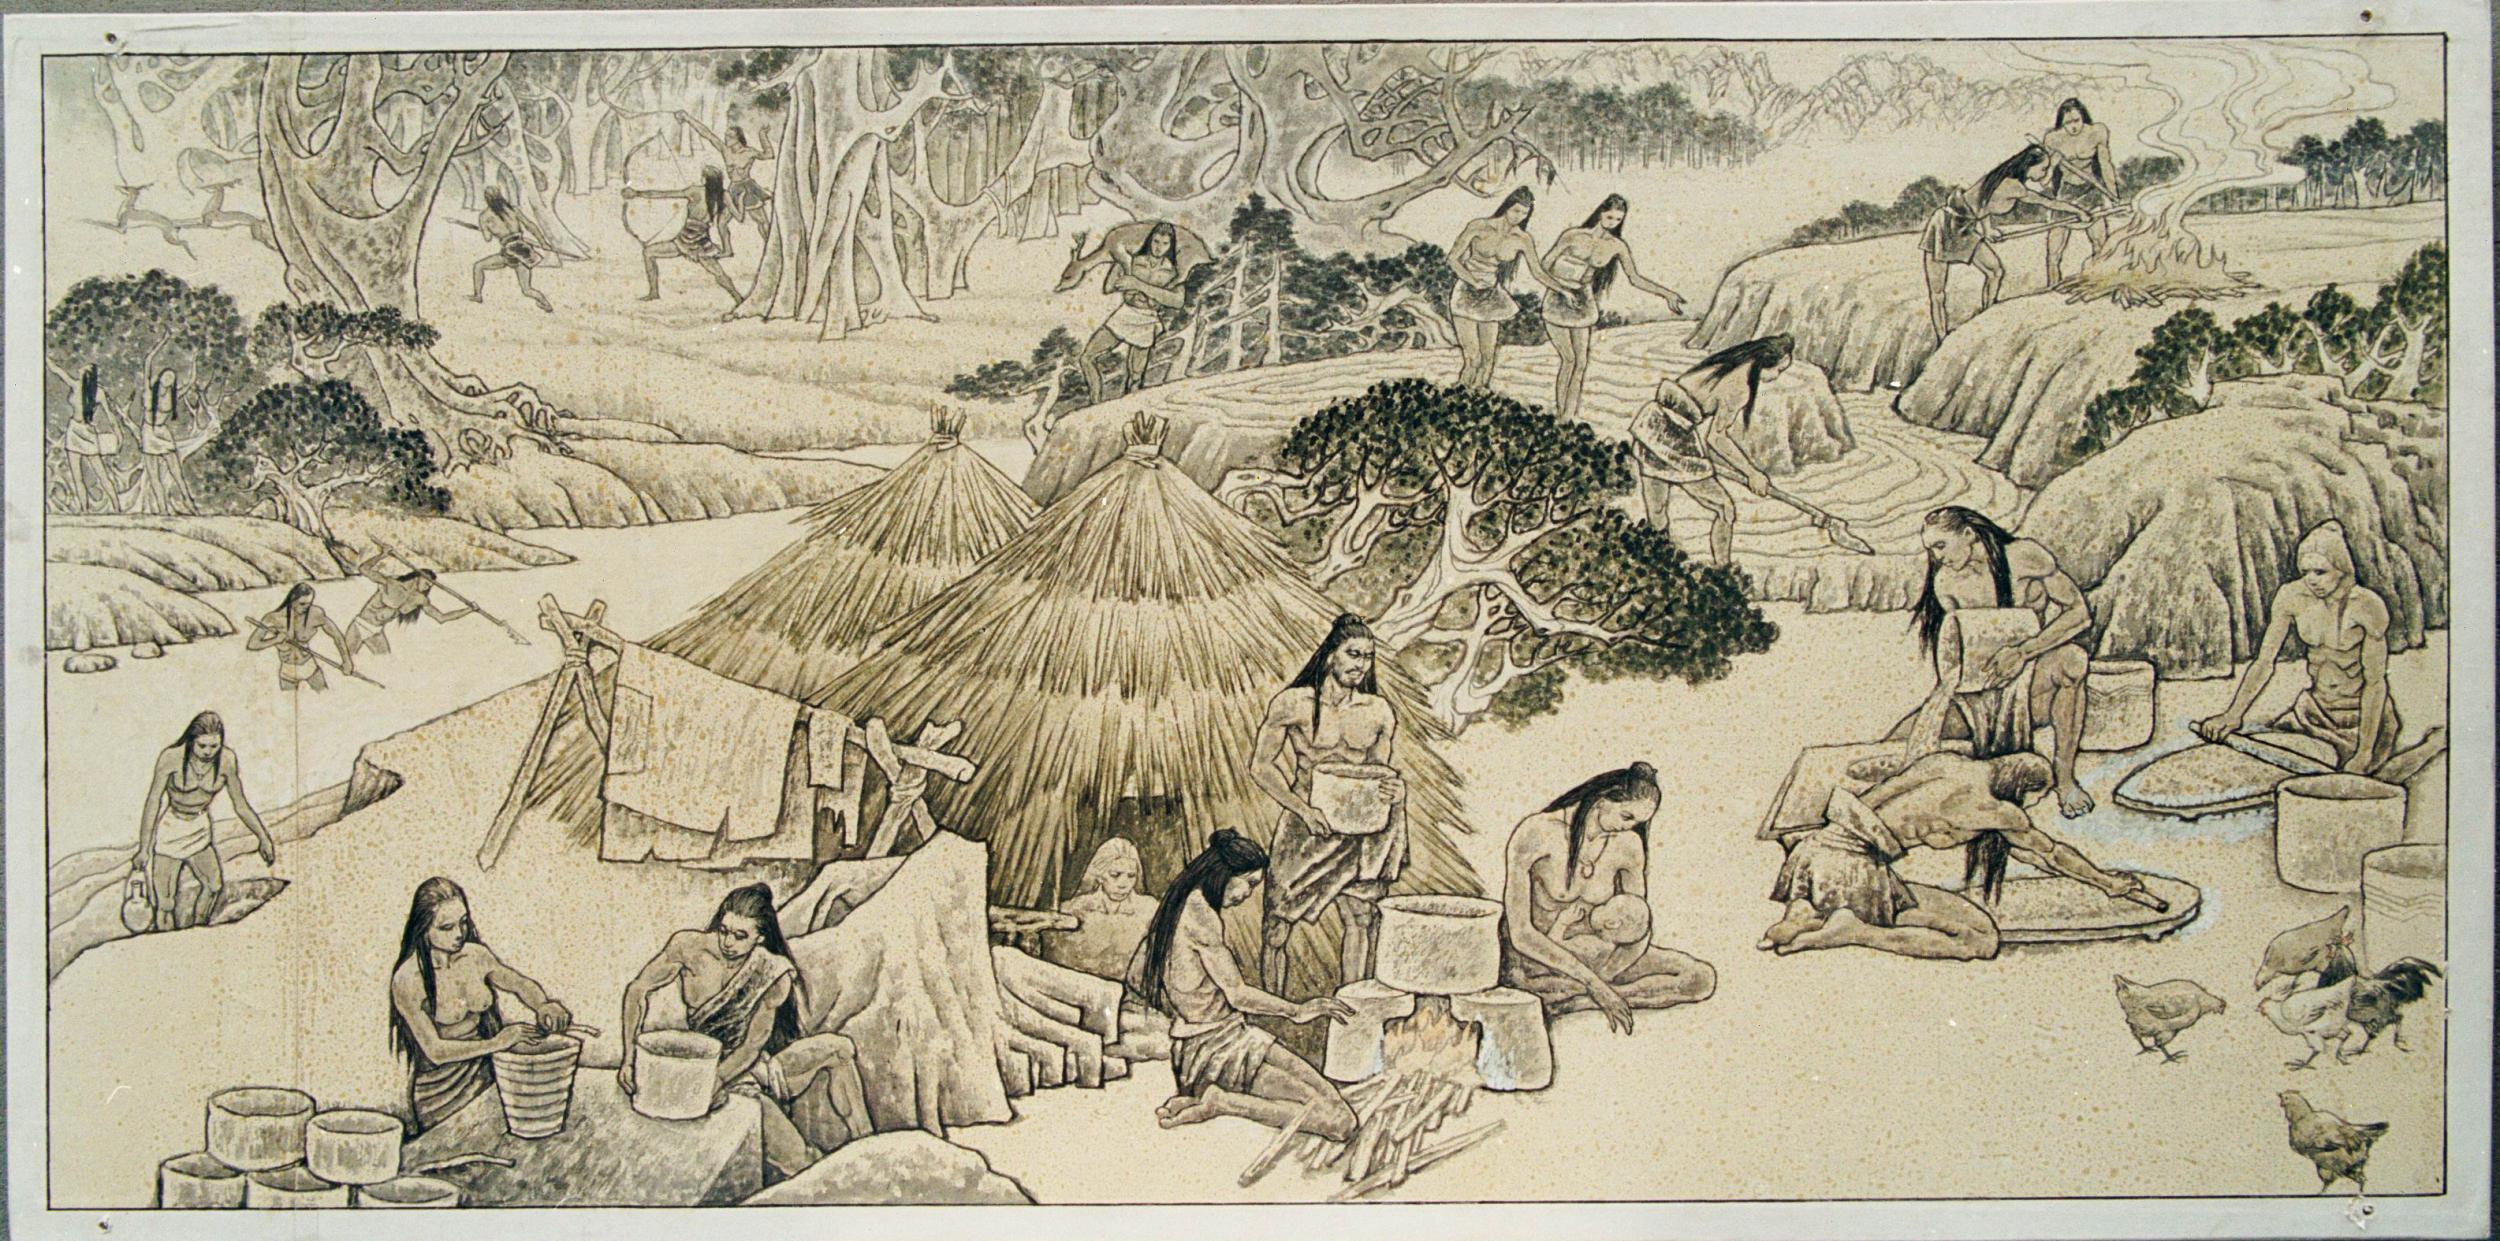 八千年农耕文明磁山文化的故事